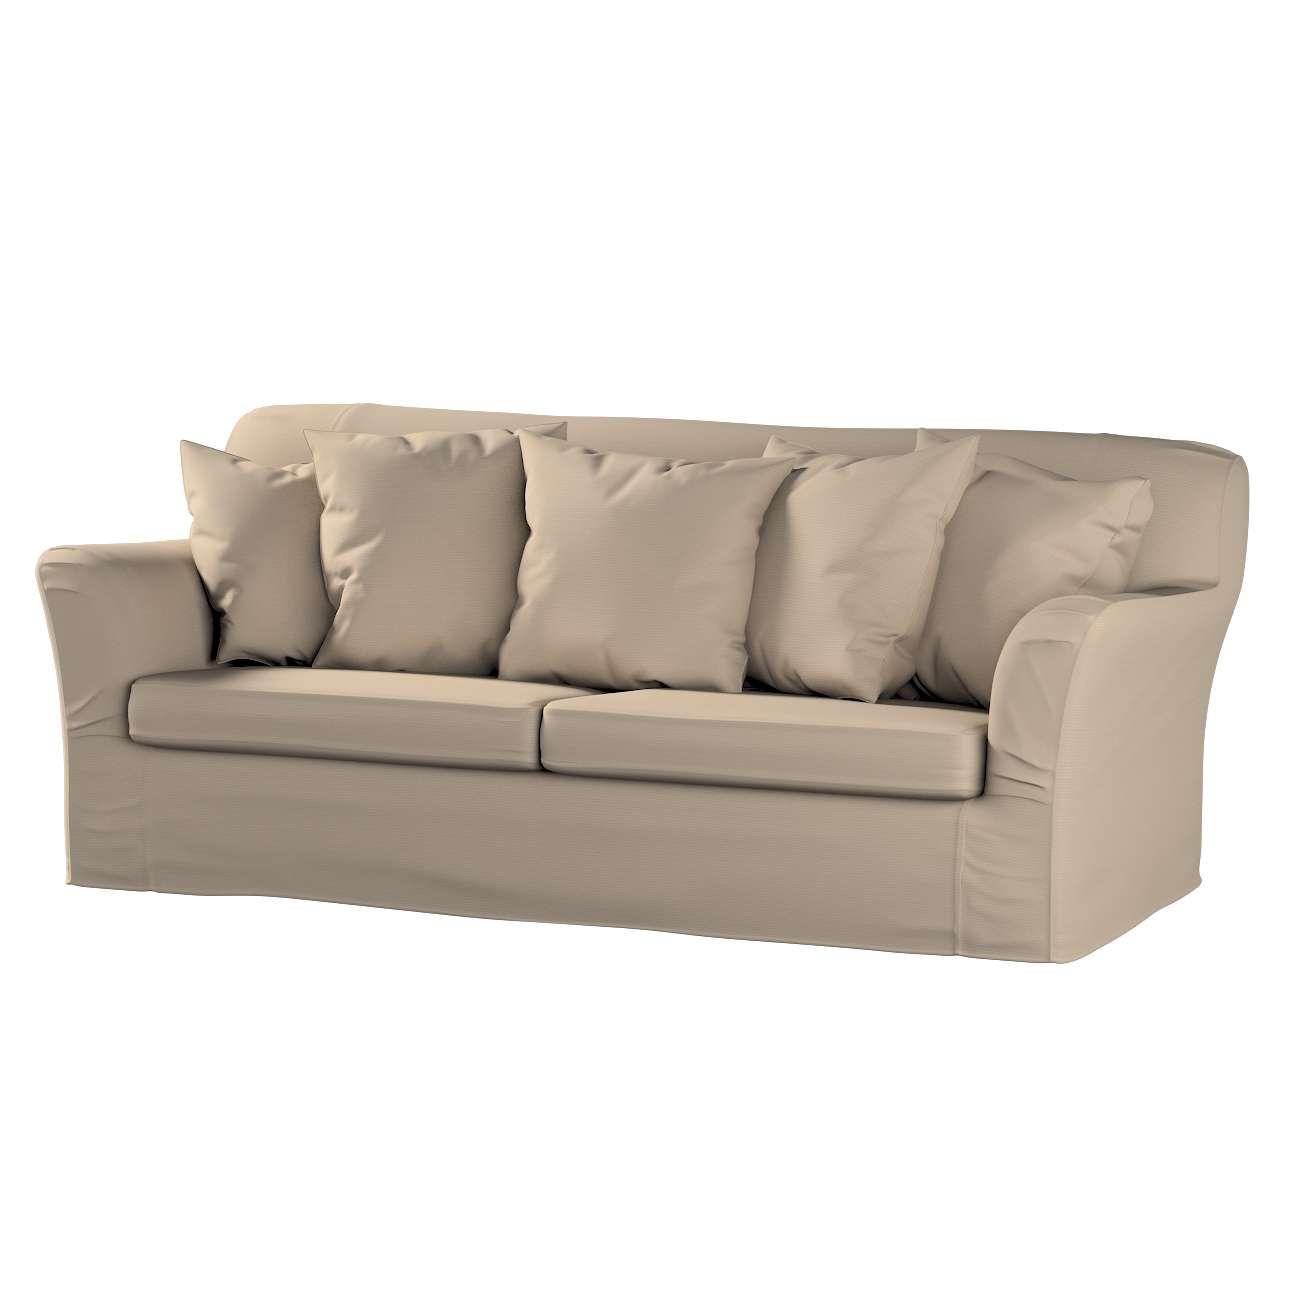 Pokrowiec na sofę Tomelilla 3-osobową rozkładaną Sofa Tomelilla rozkładana w kolekcji Cotton Panama, tkanina: 702-28